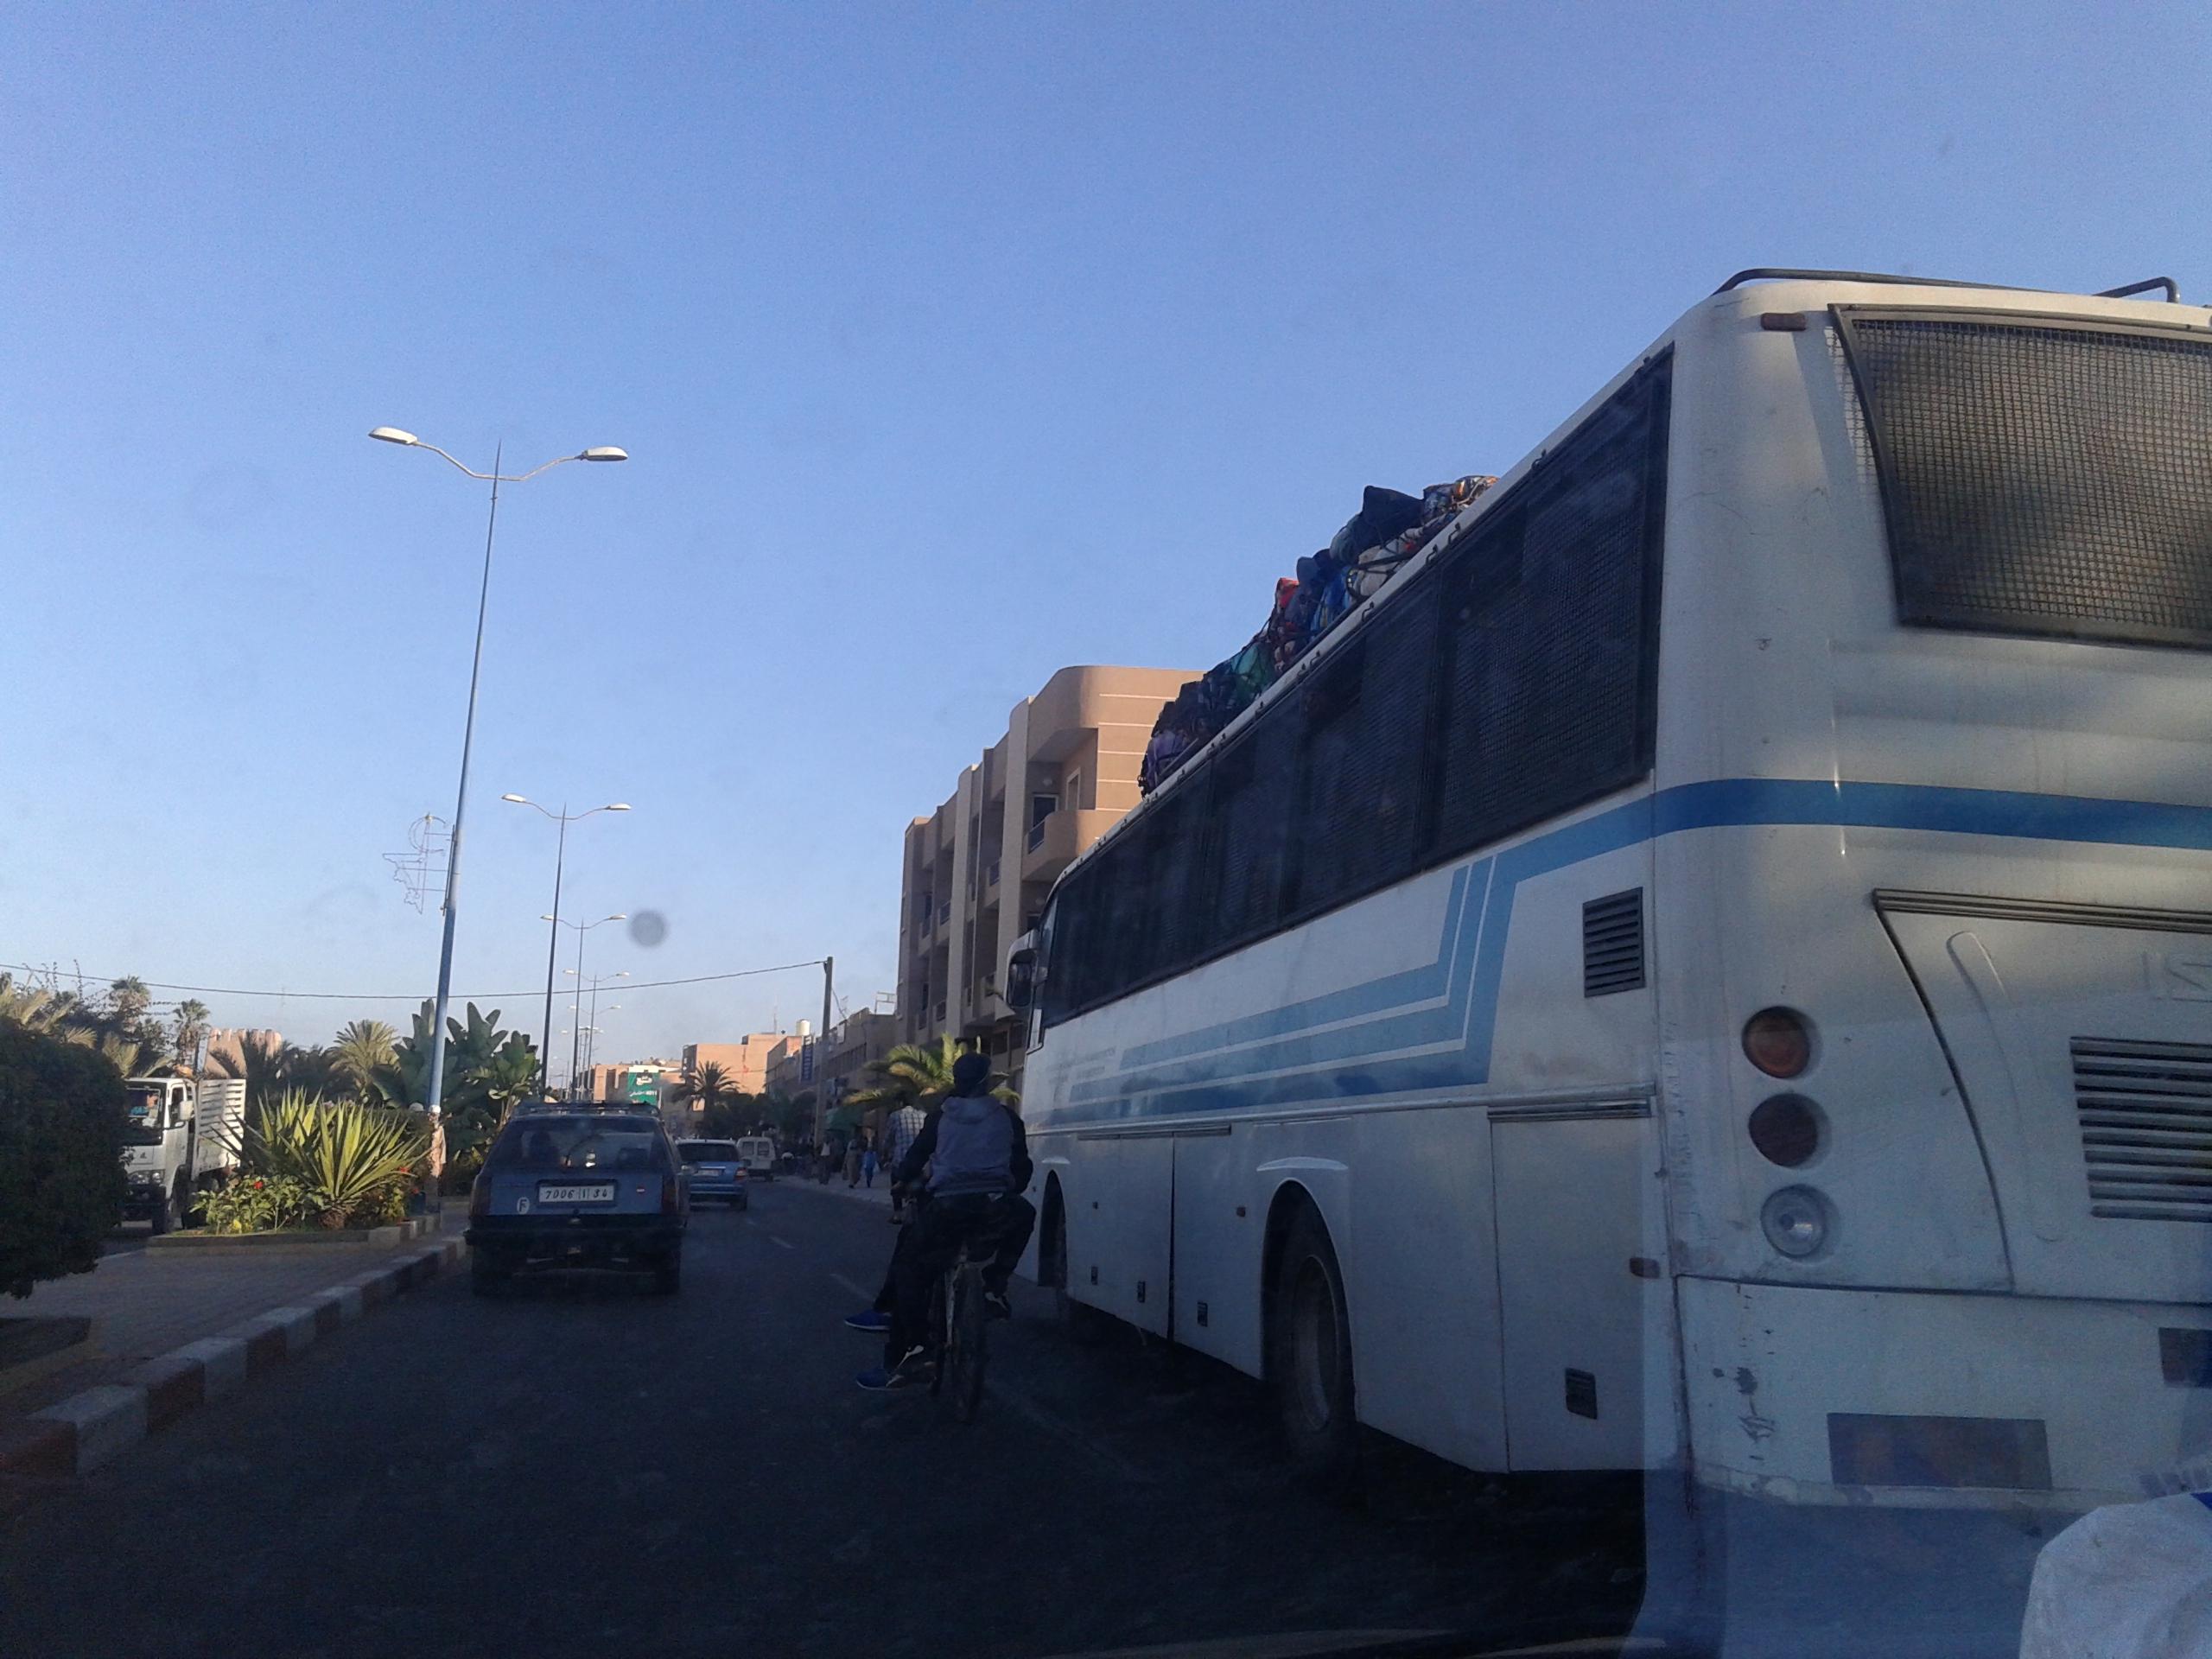 غريب … حافلة تمطر مواطني تيزنيت بوابل من السب والشتم أمام أعين المسؤولين !!!